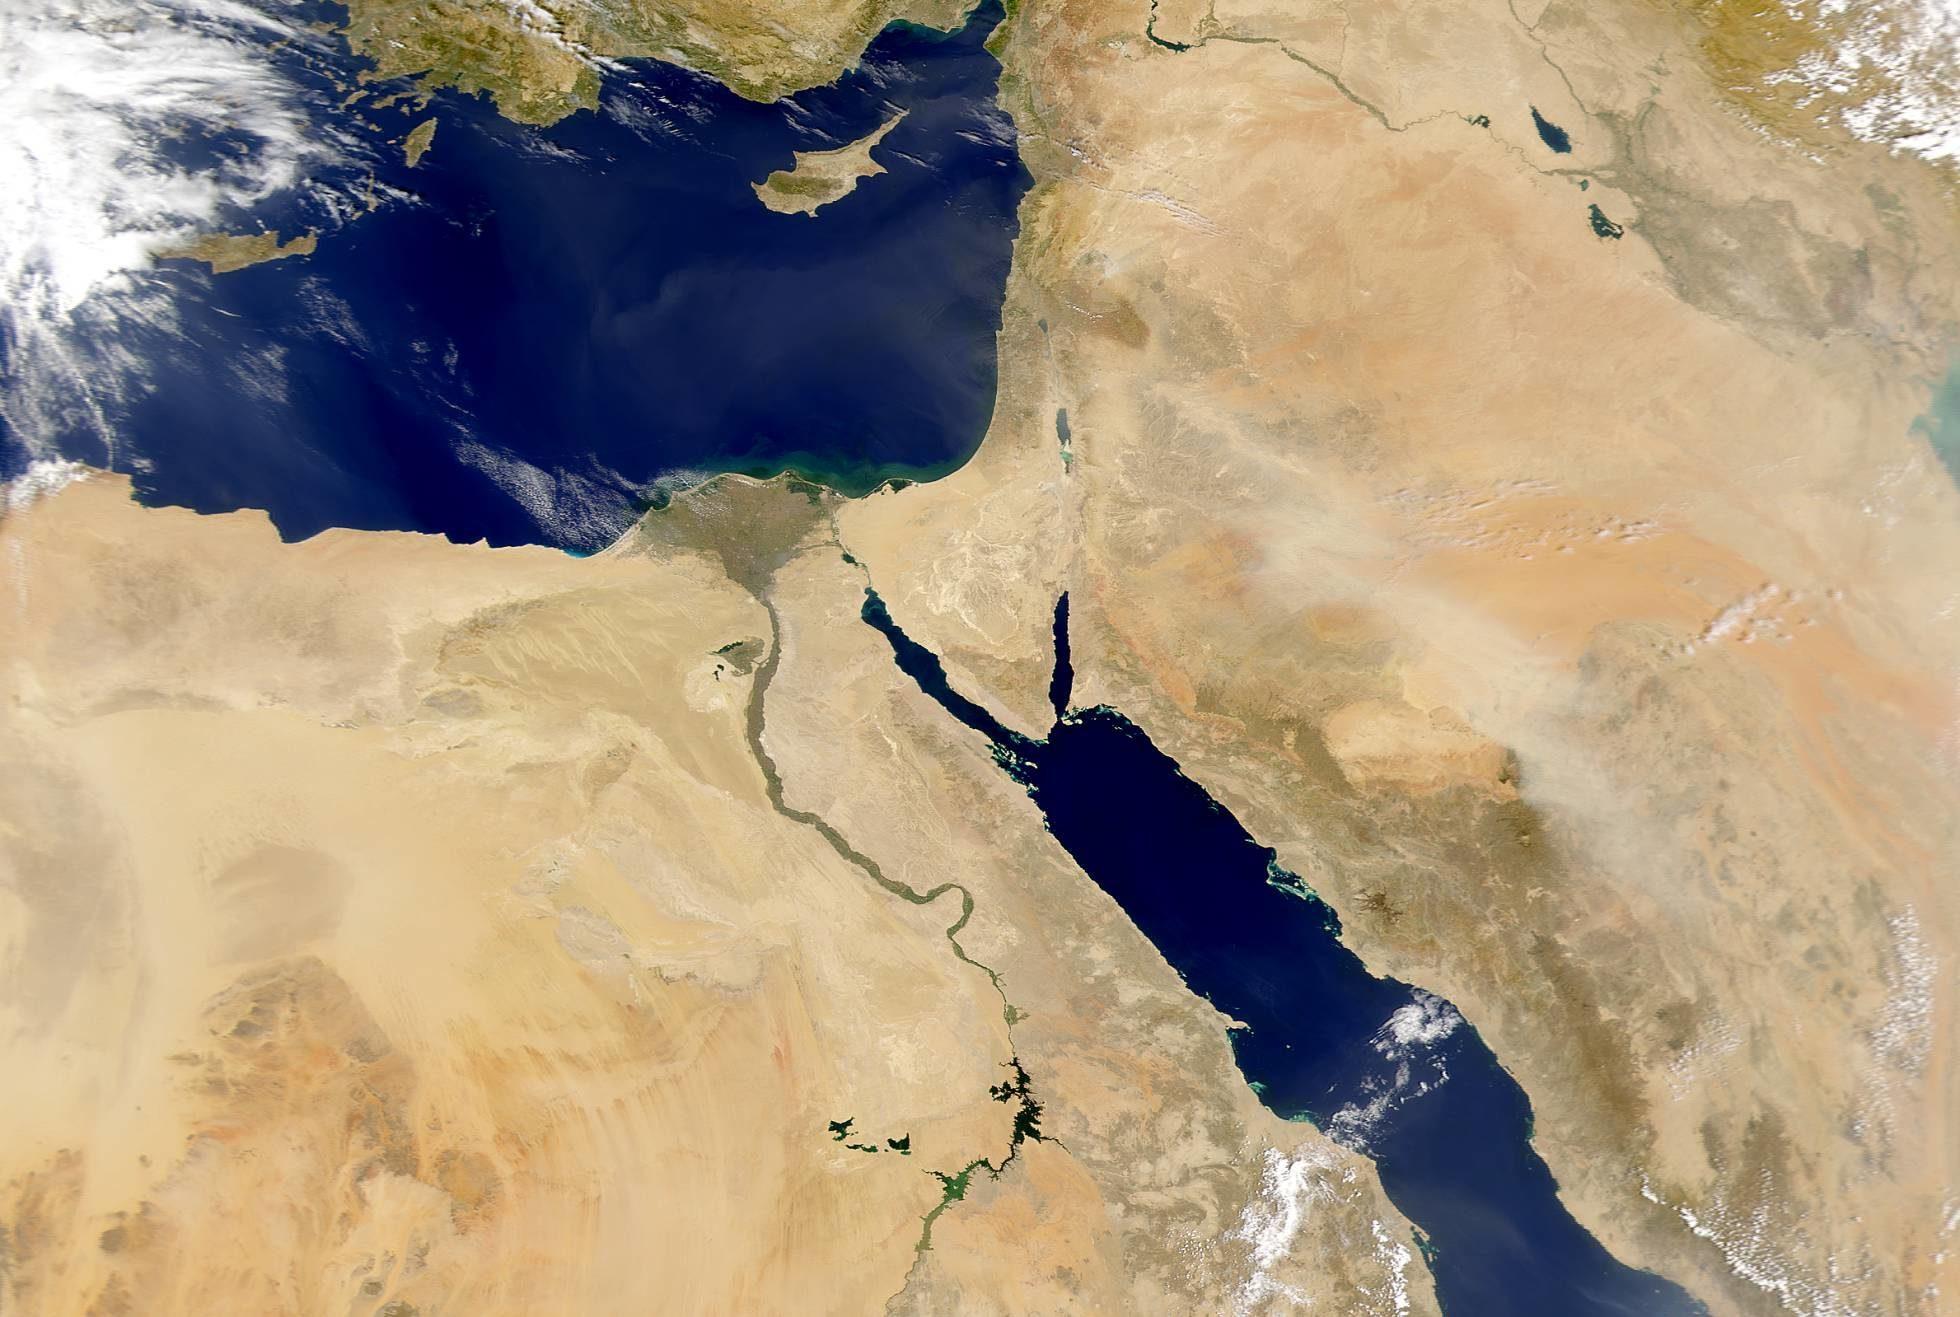 фото африканского континента из космоса космонавт верен